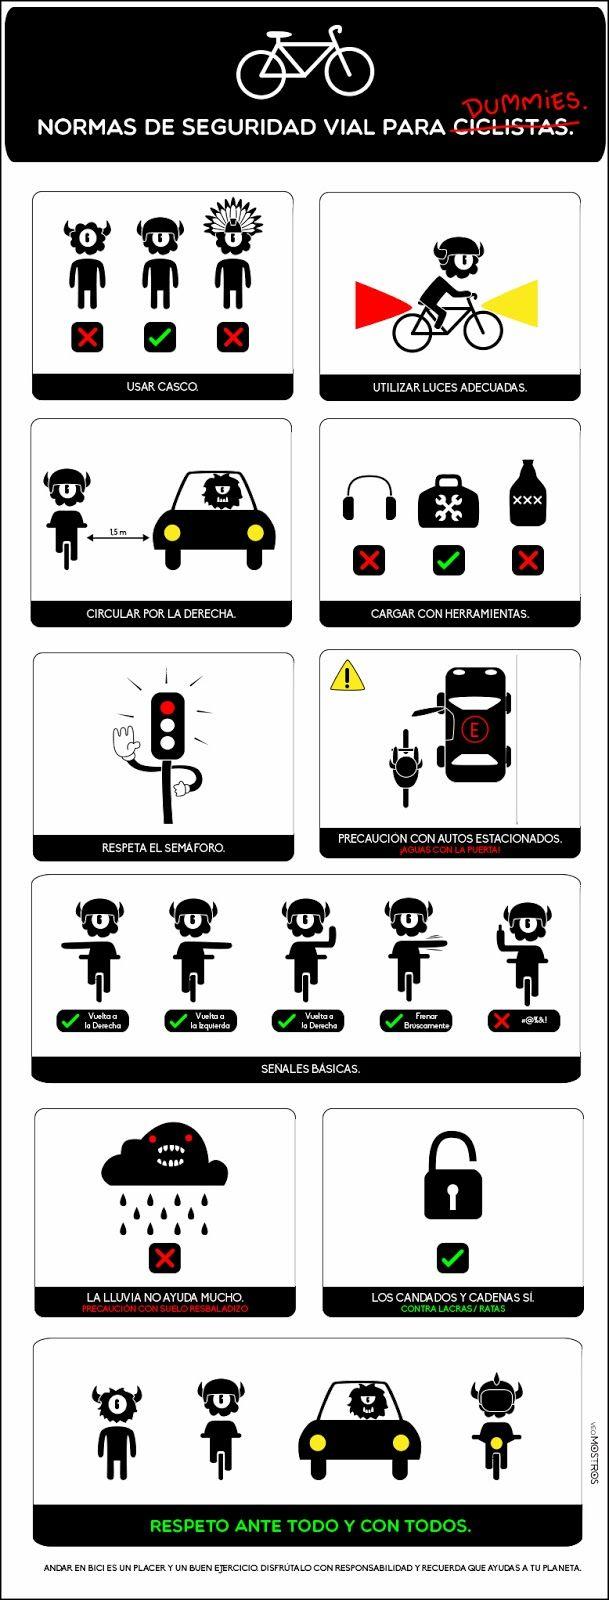 Normas de Seguridad Vial para Ciclistas by Veo Mostros. ¿Puedes escribir los comandos en imperativo?